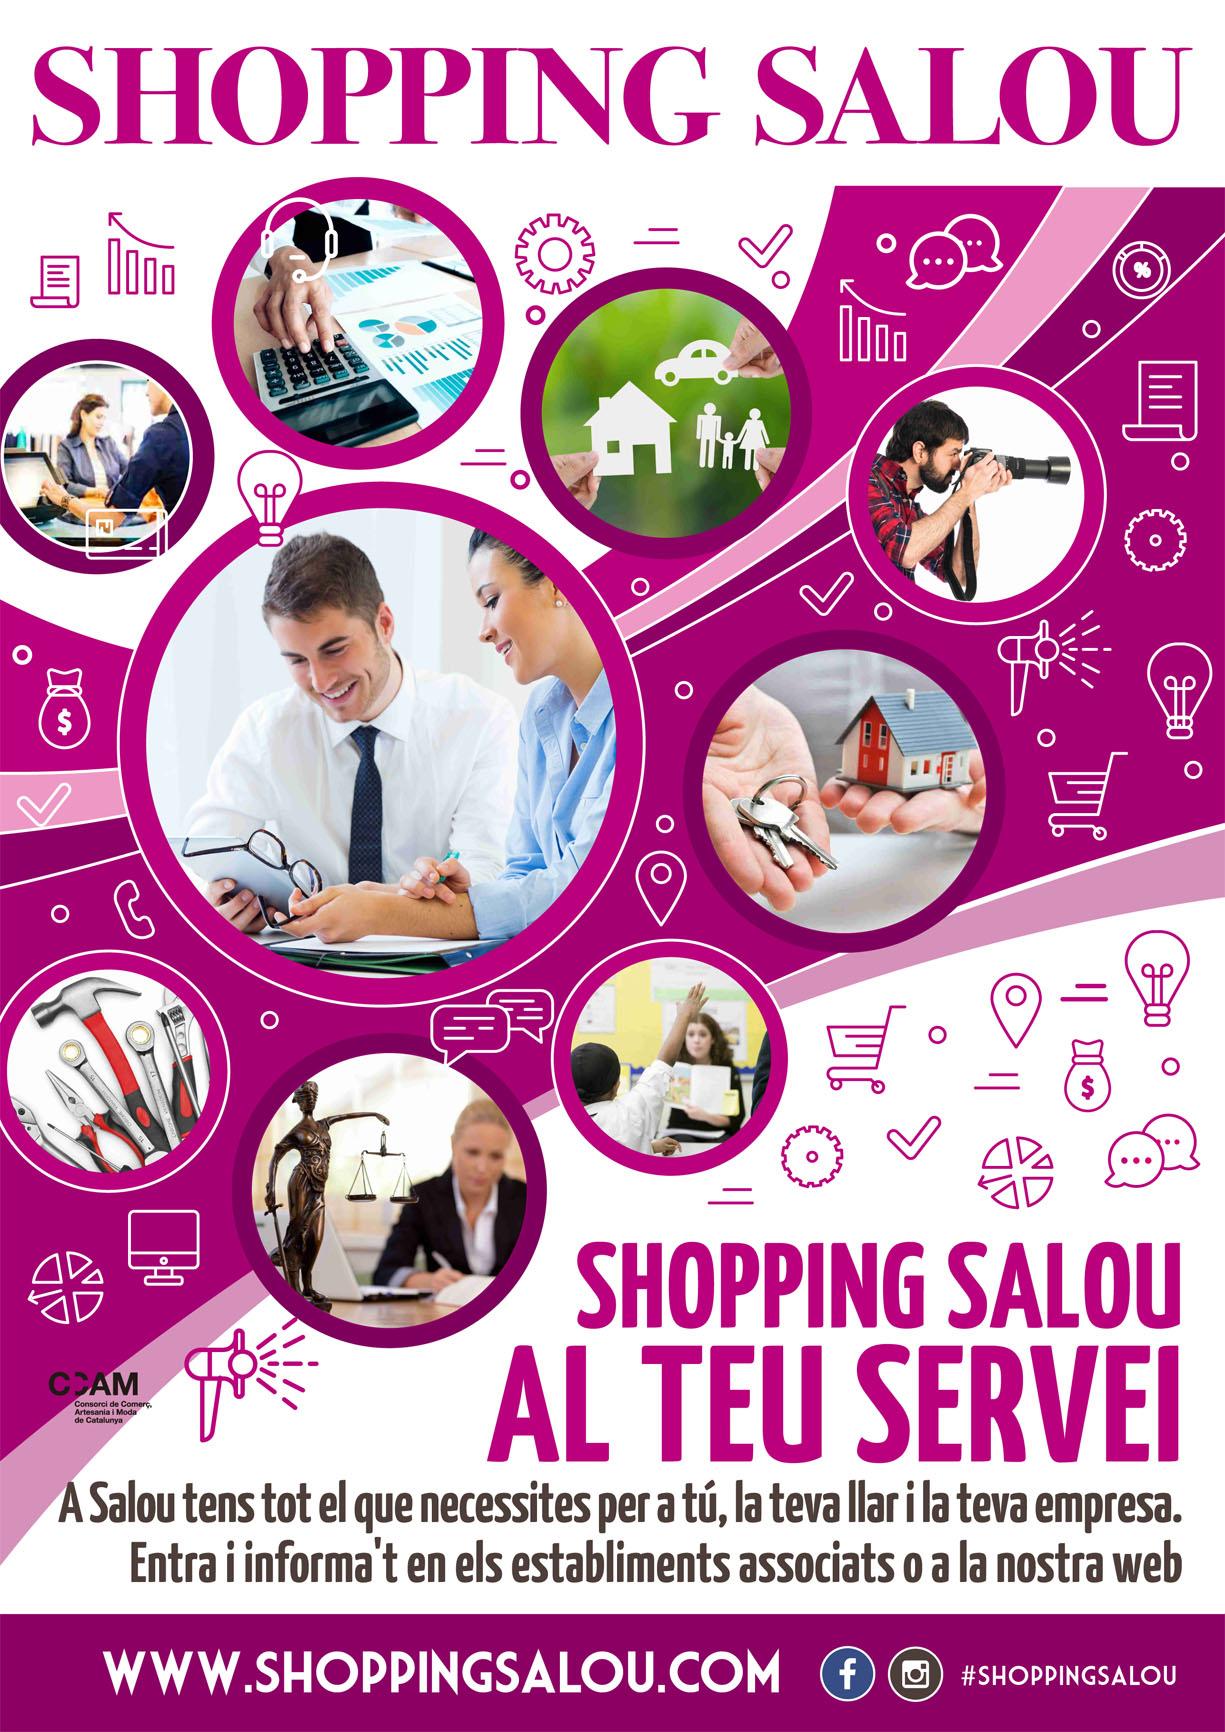 Shopping Salou Al teu Servei